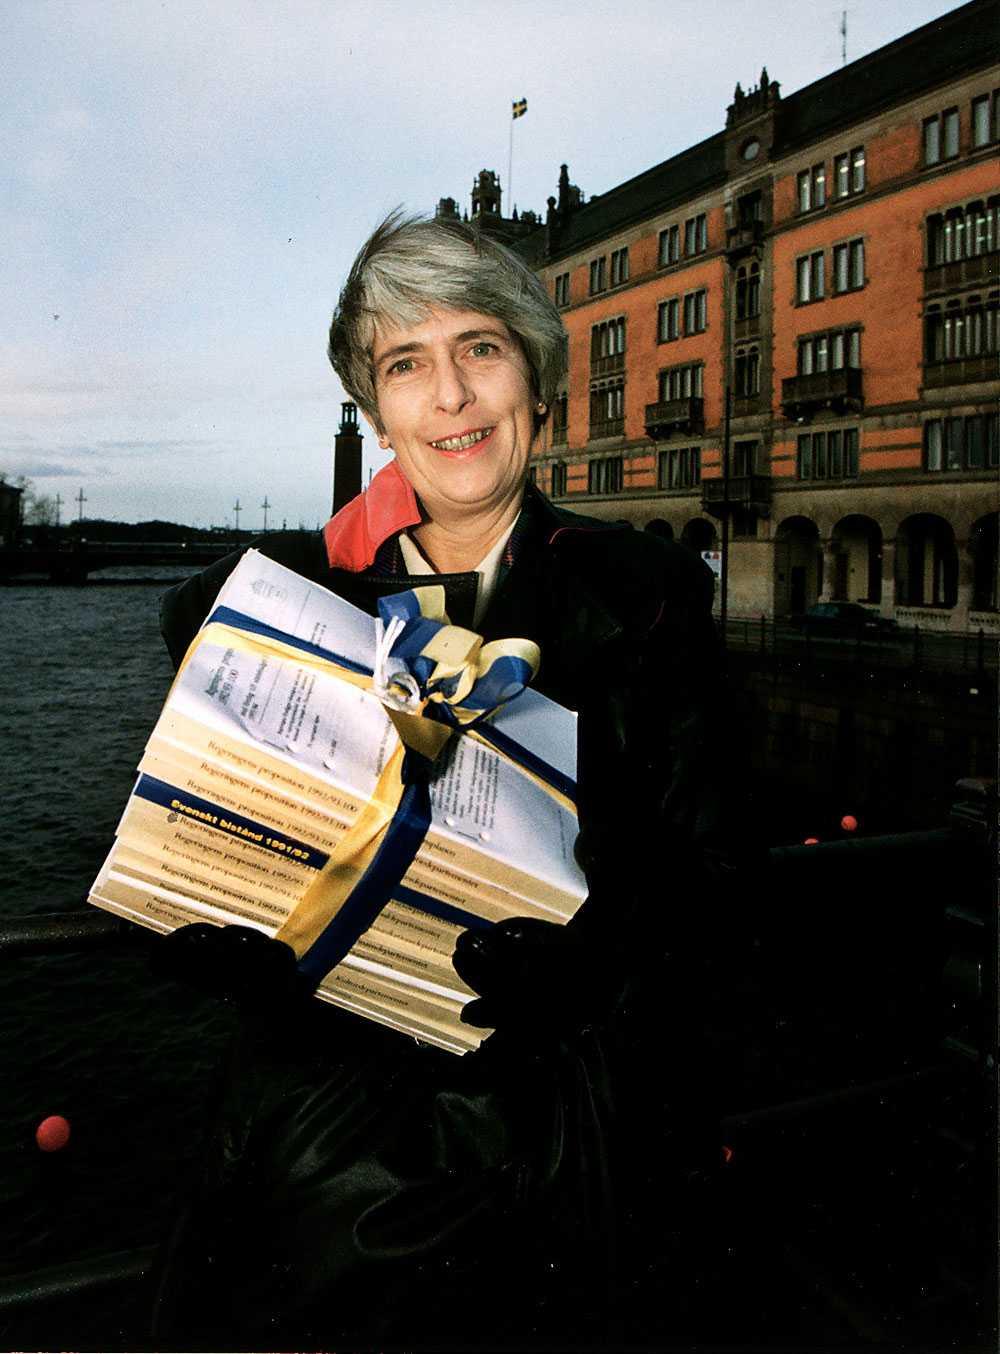 1992 Anne Wibble, folkpartist, ansåg att alla svenskar borde ha en årslön på banken. Förhoppningsvis skulle hennes budget underlätta det målet.